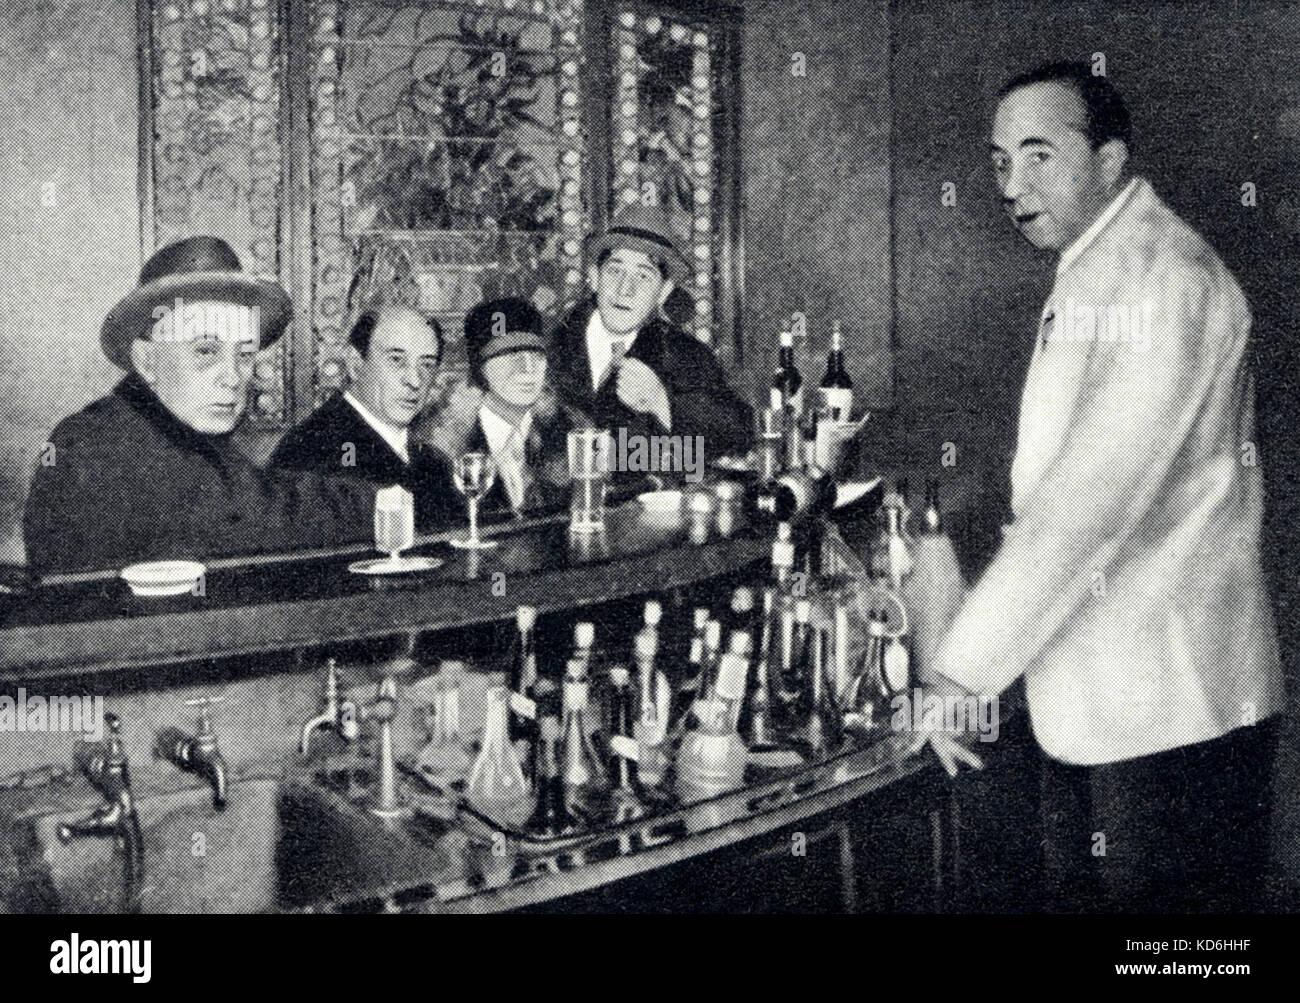 Arnold Schoenberg au bar avec des amis. De gauche à droite: Adolf Loos, Arnold Schoenberg, Gertrud Schoenberg, Oskar Kokoschka. Compositeur autrichien, 1874-1951. Banque D'Images